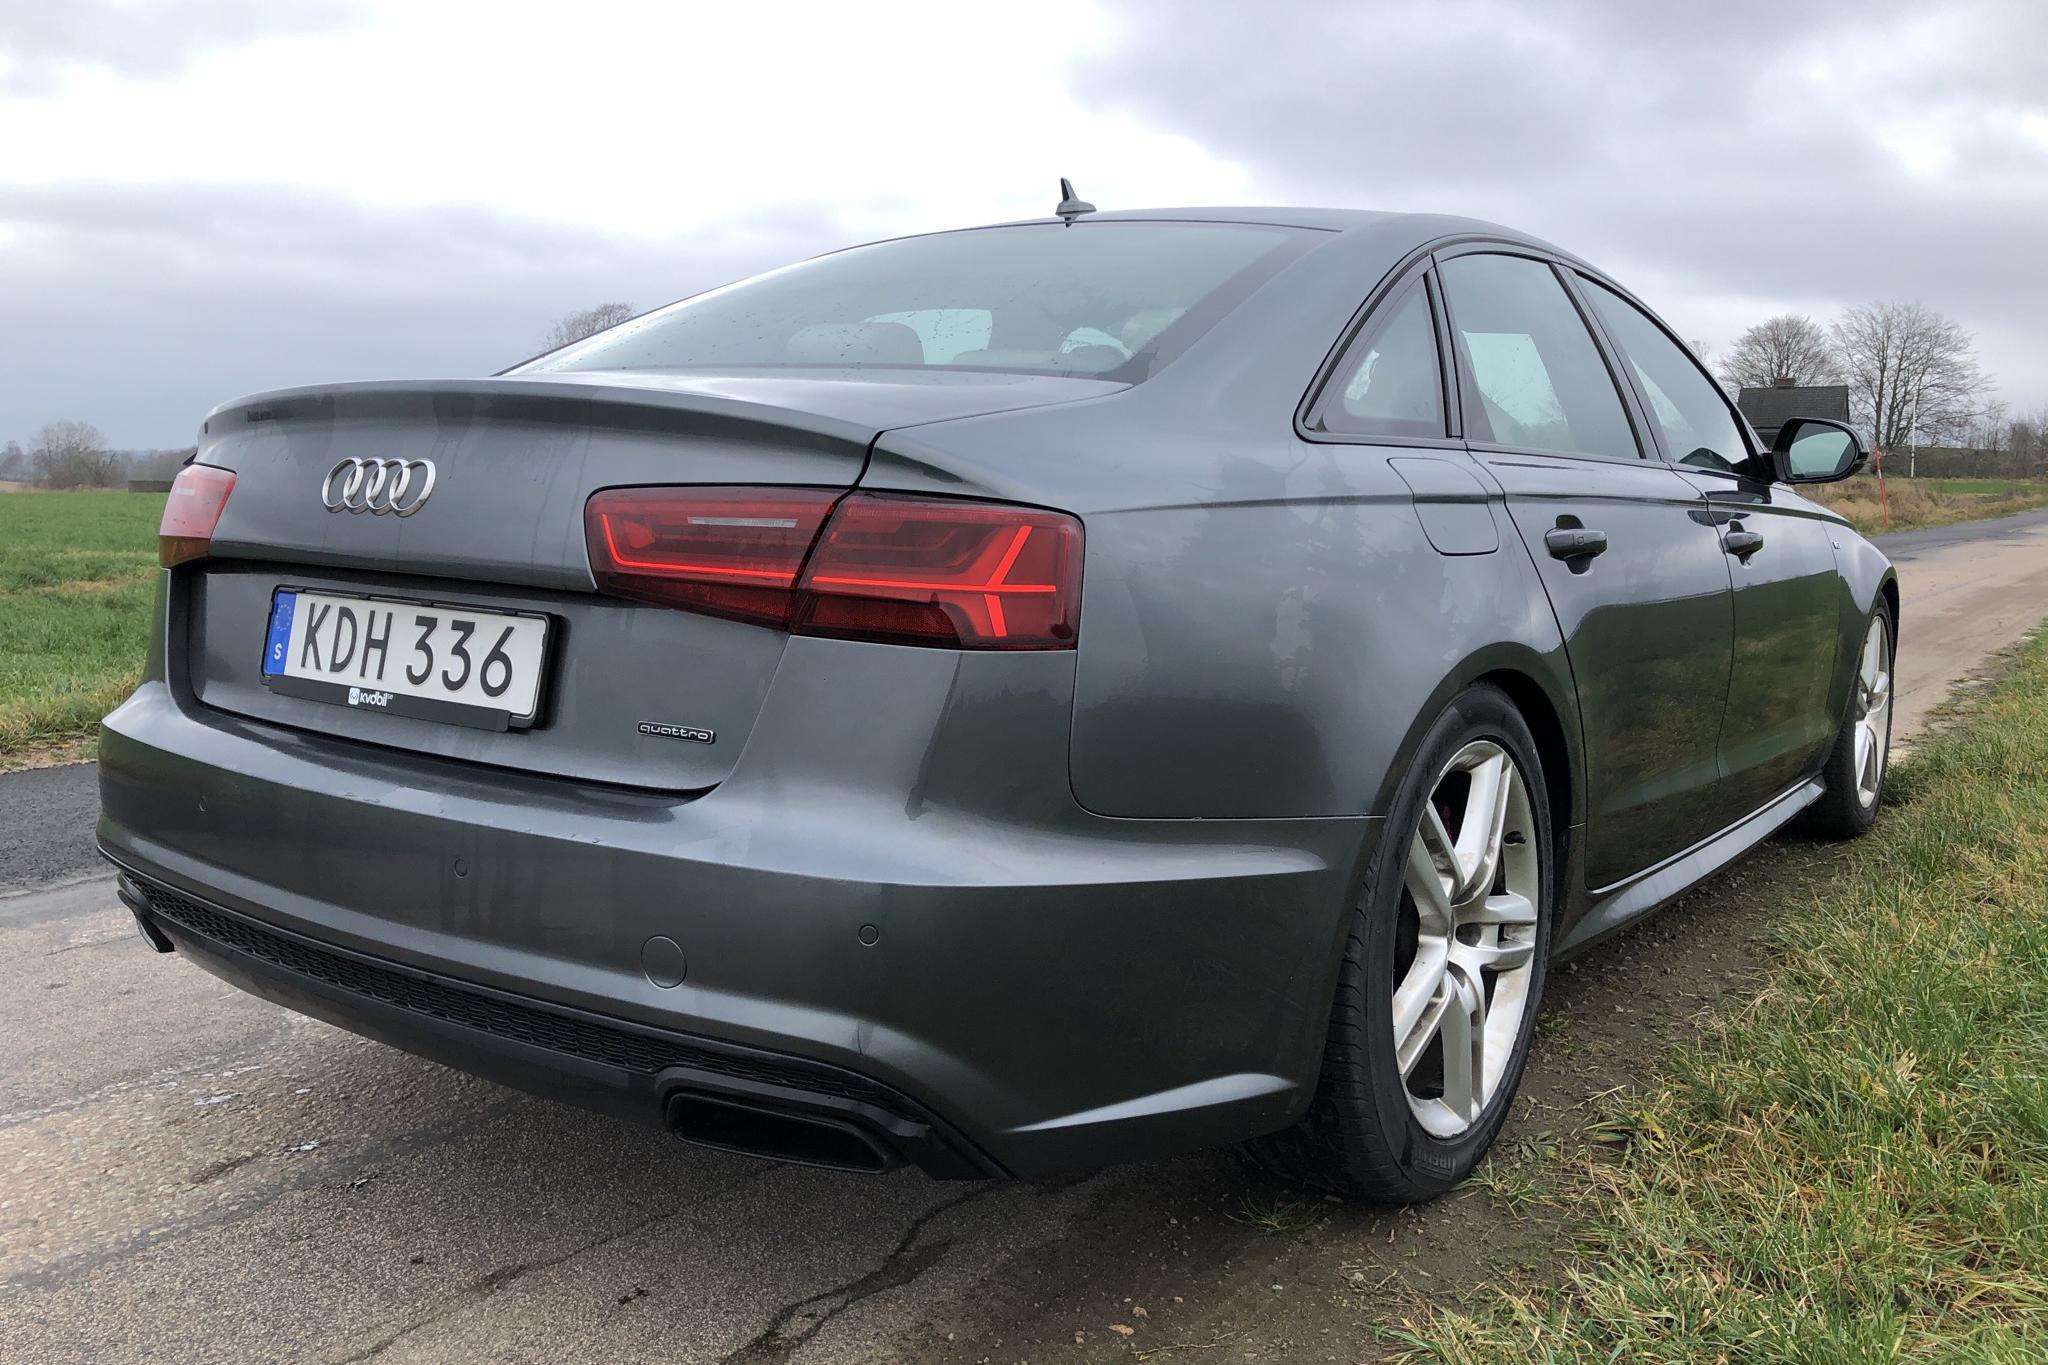 Audi A6 3.0 TDI quattro (326hk) - 10 571 mil - Automat - grå - 2016